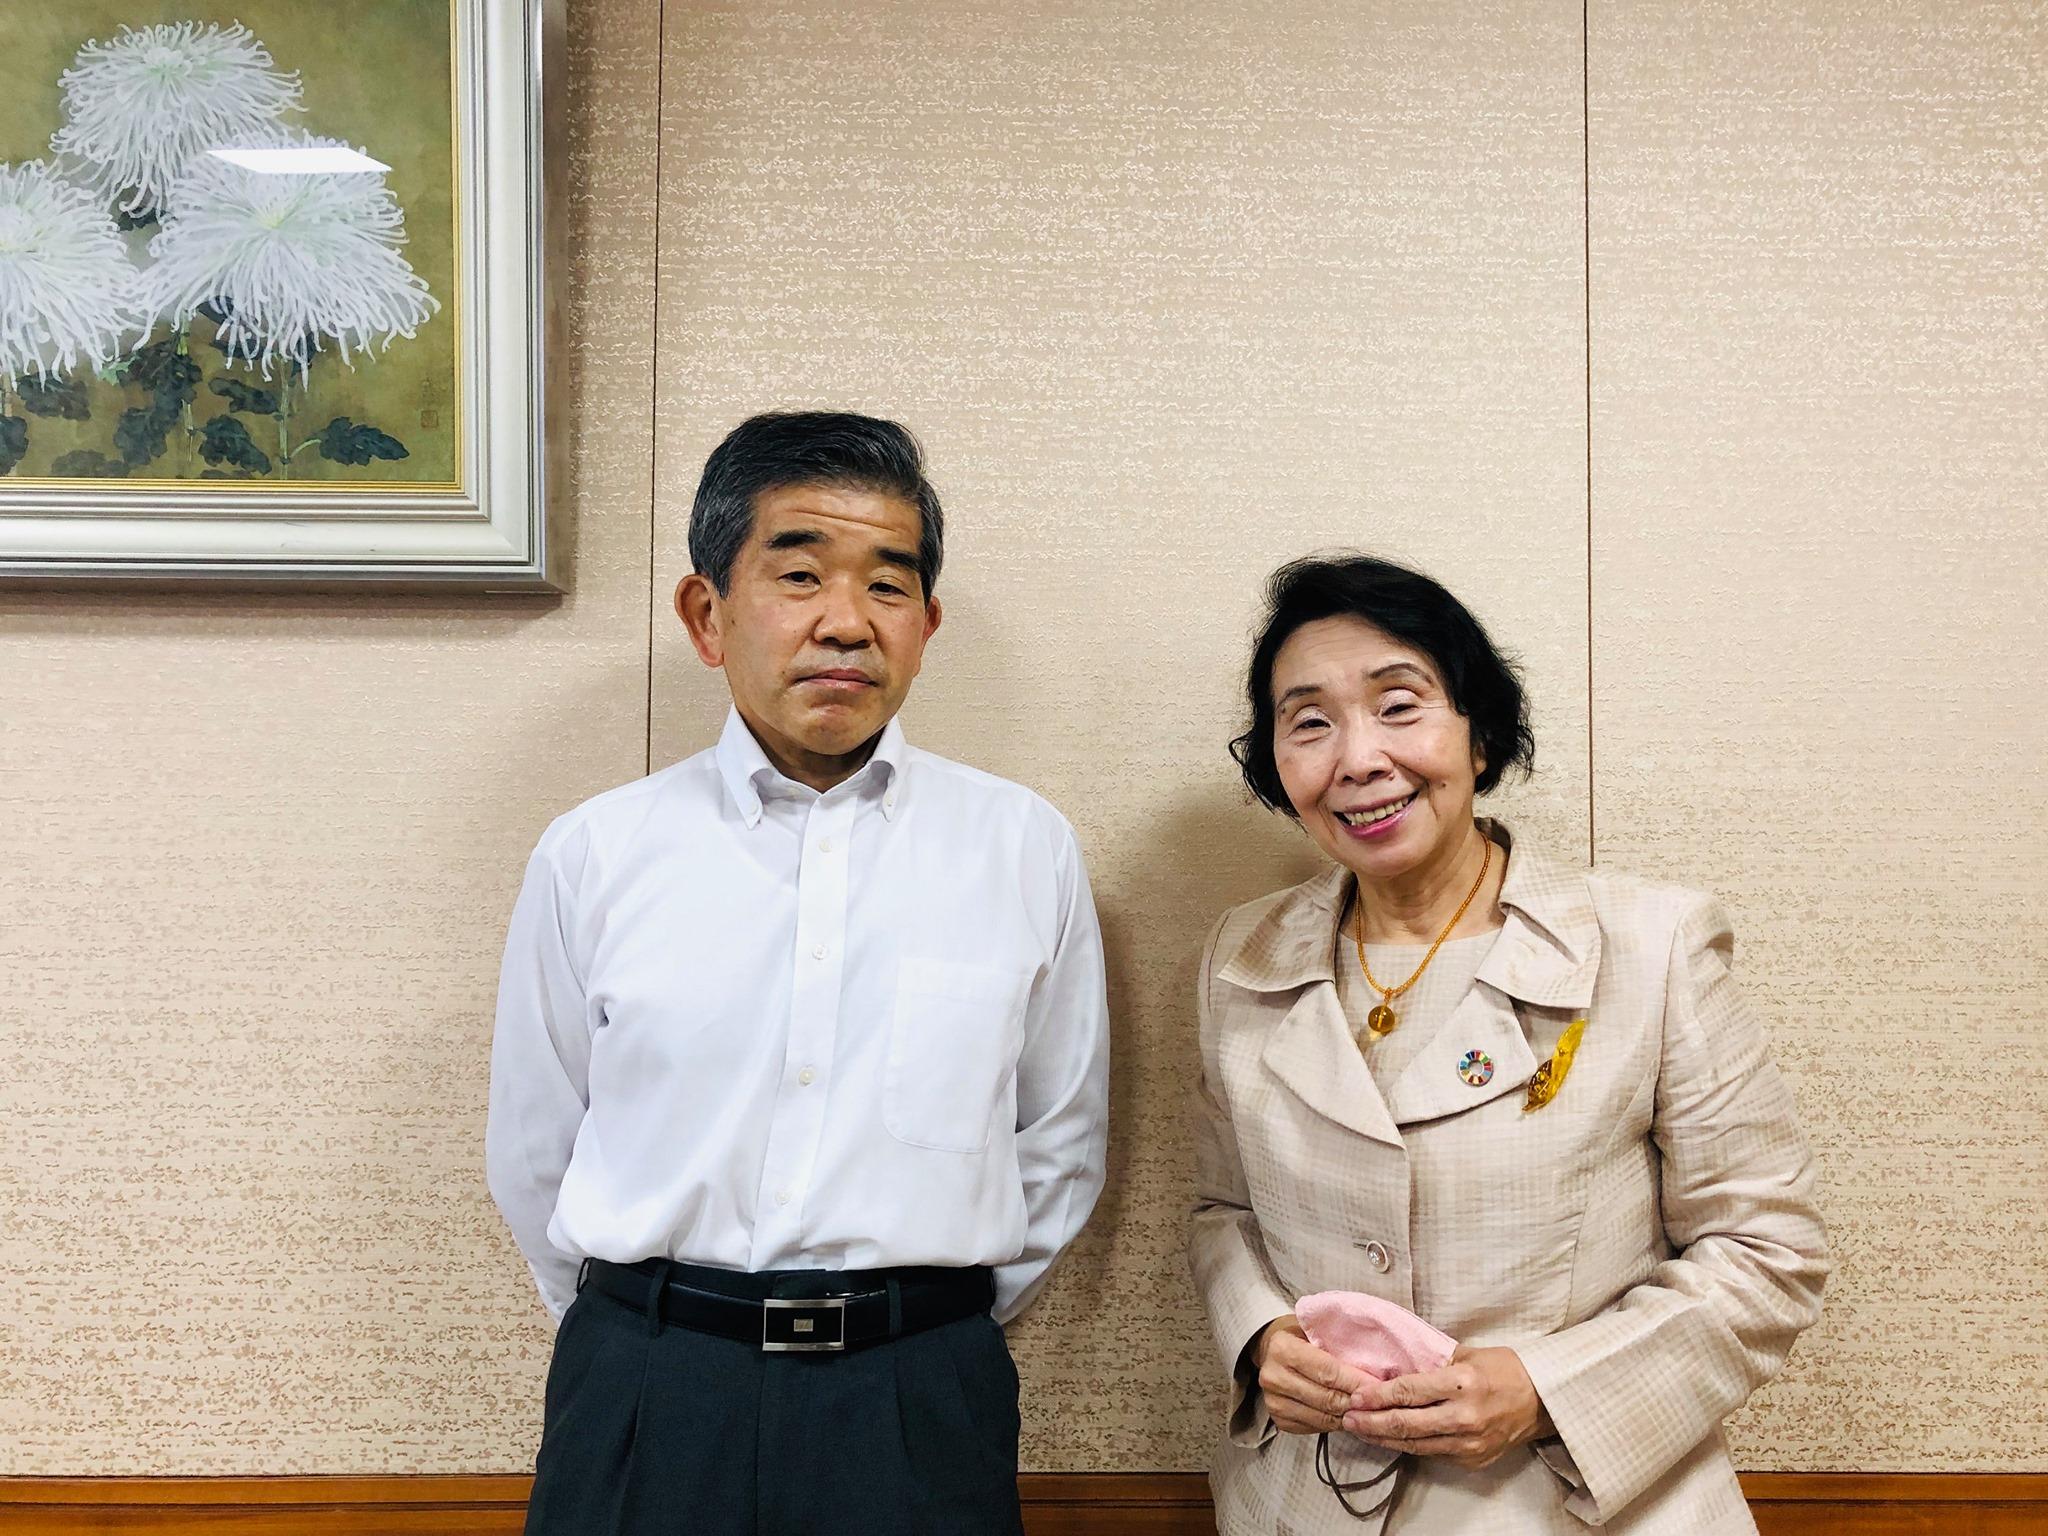 全国町村議会議長会事務総長の望月達史さんと対話しました。